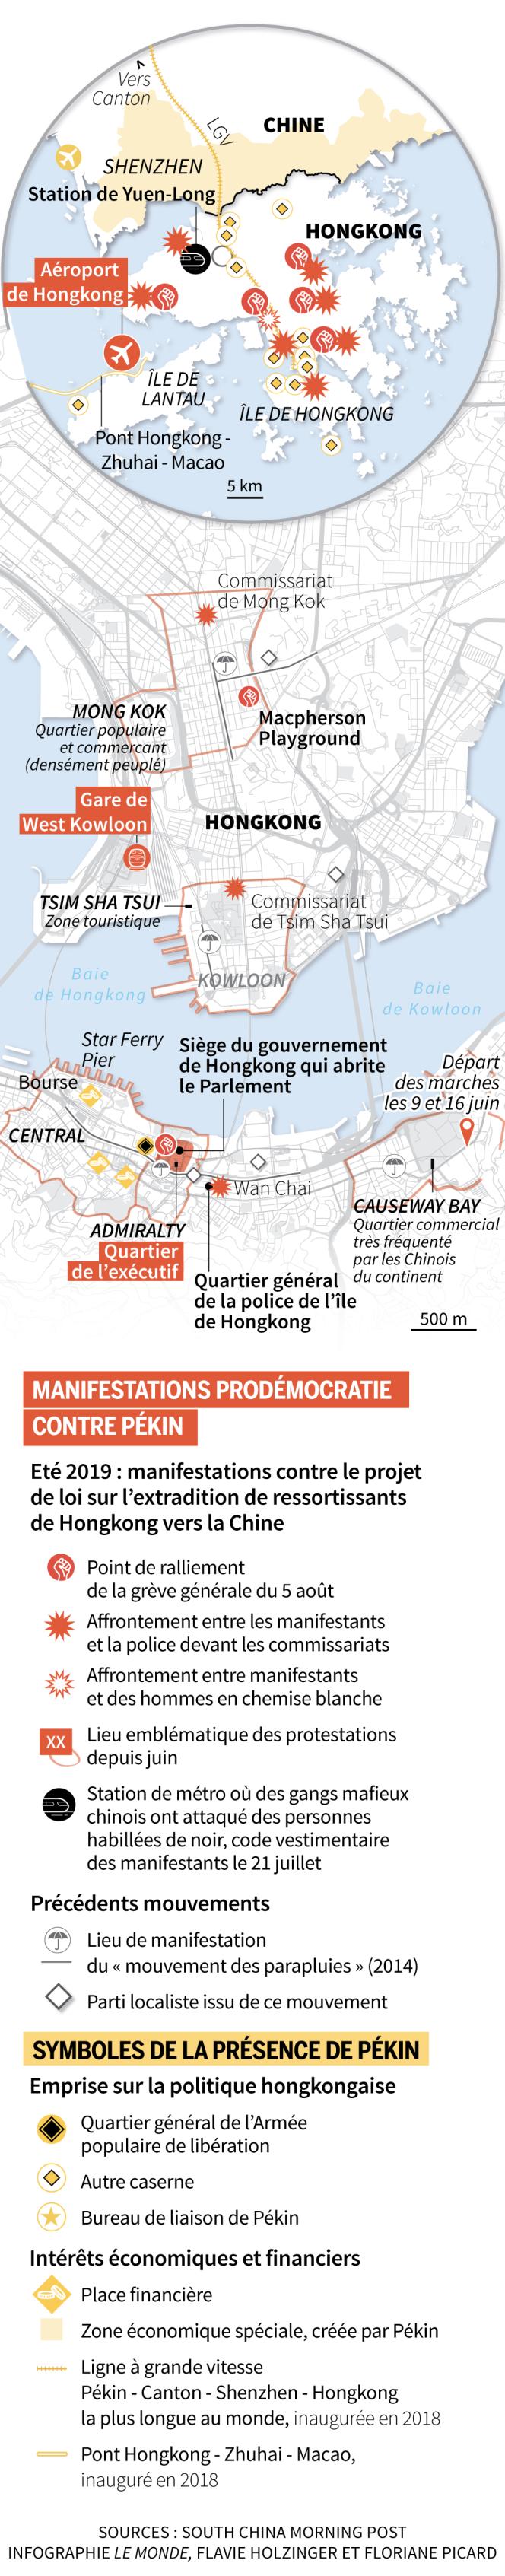 Carte de situation de HongKong, réalisée le 6 août 2019.